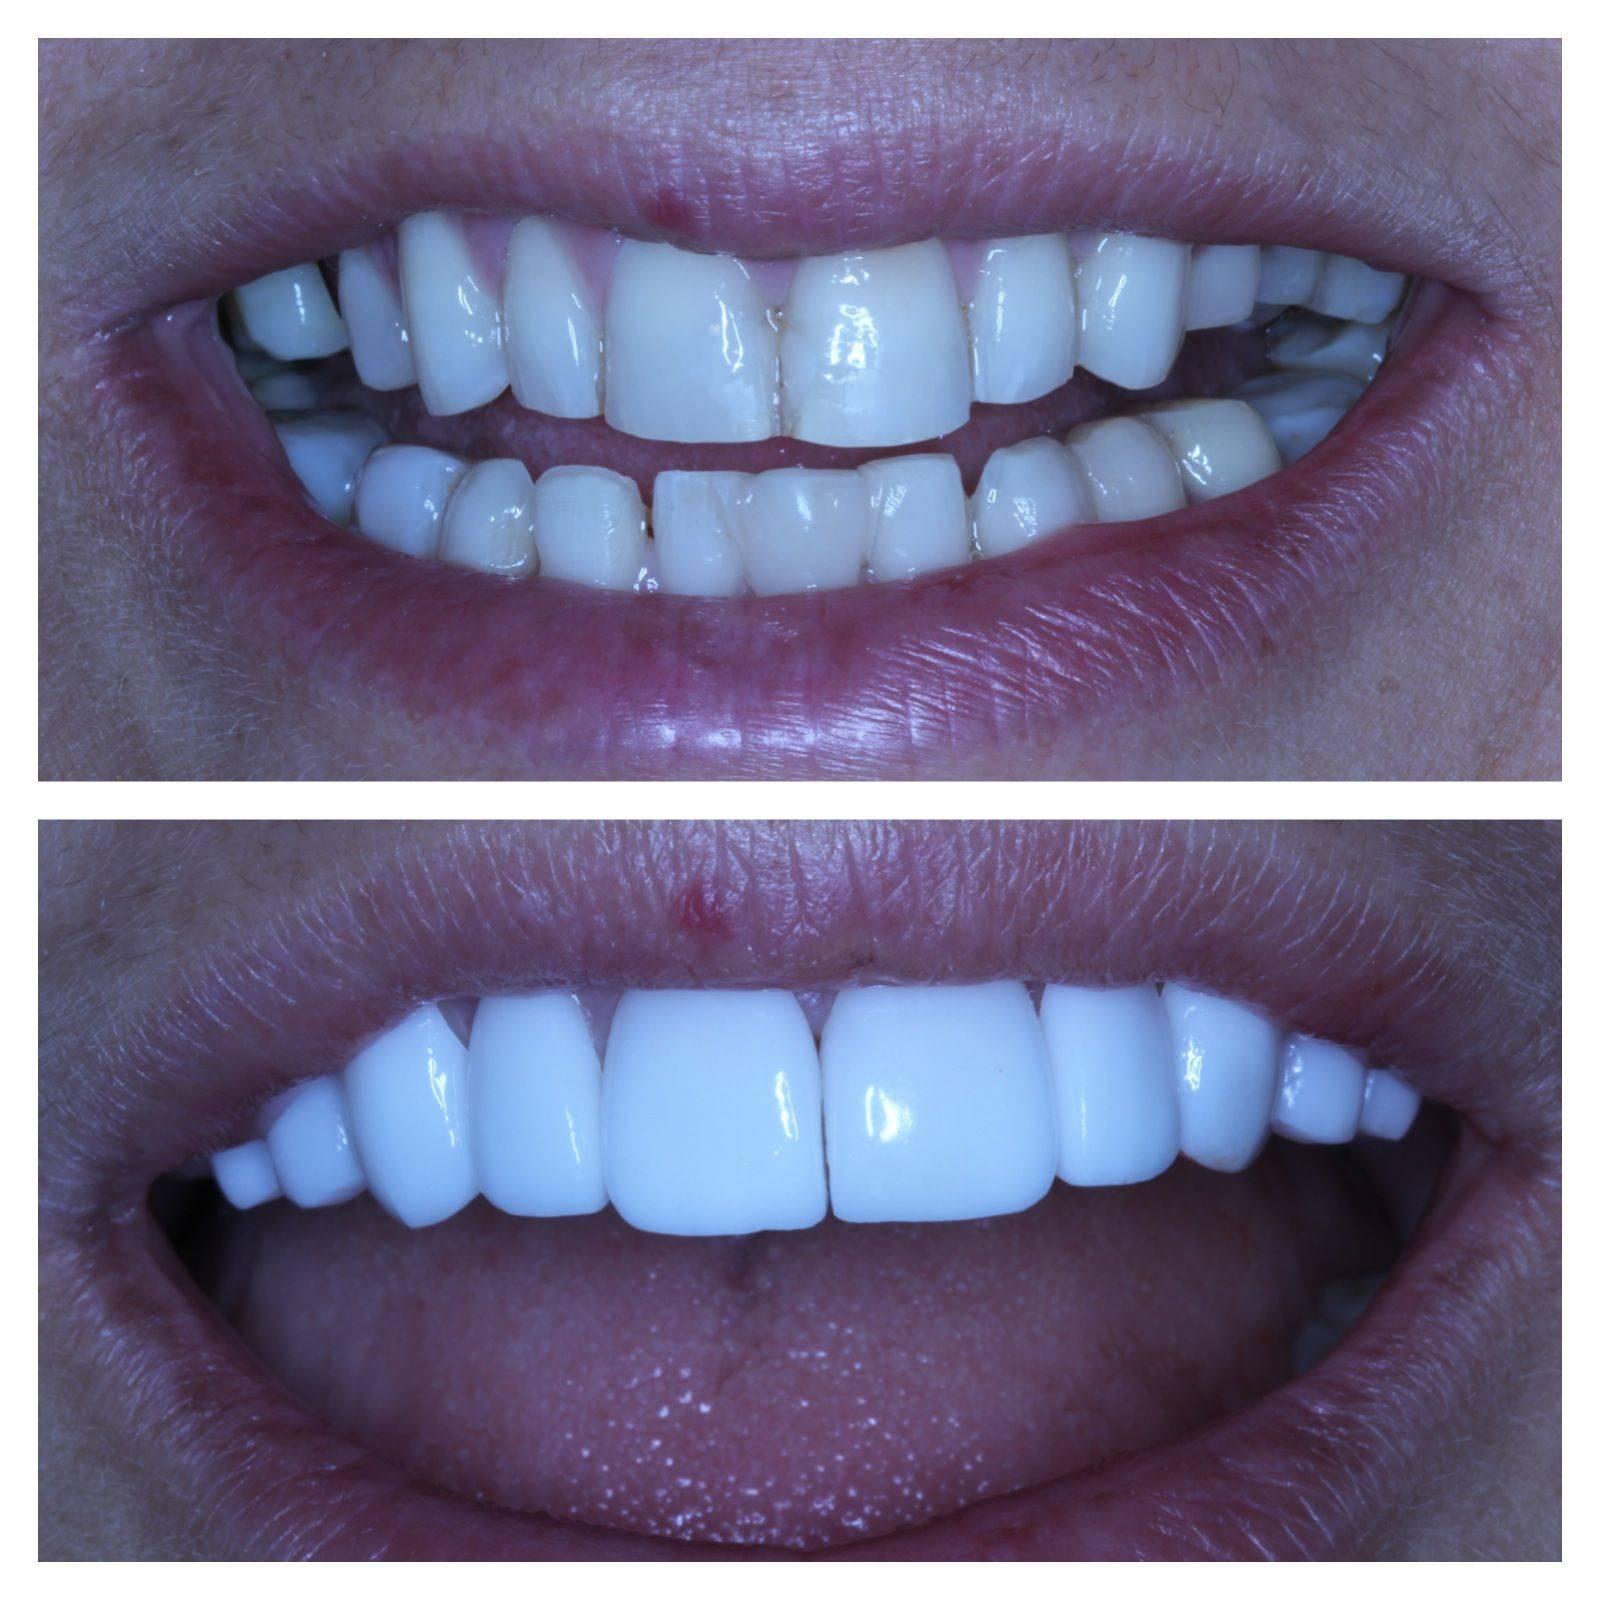 Плюсы и минусы установки виниров на зубы – разбираем все нюансы процесса